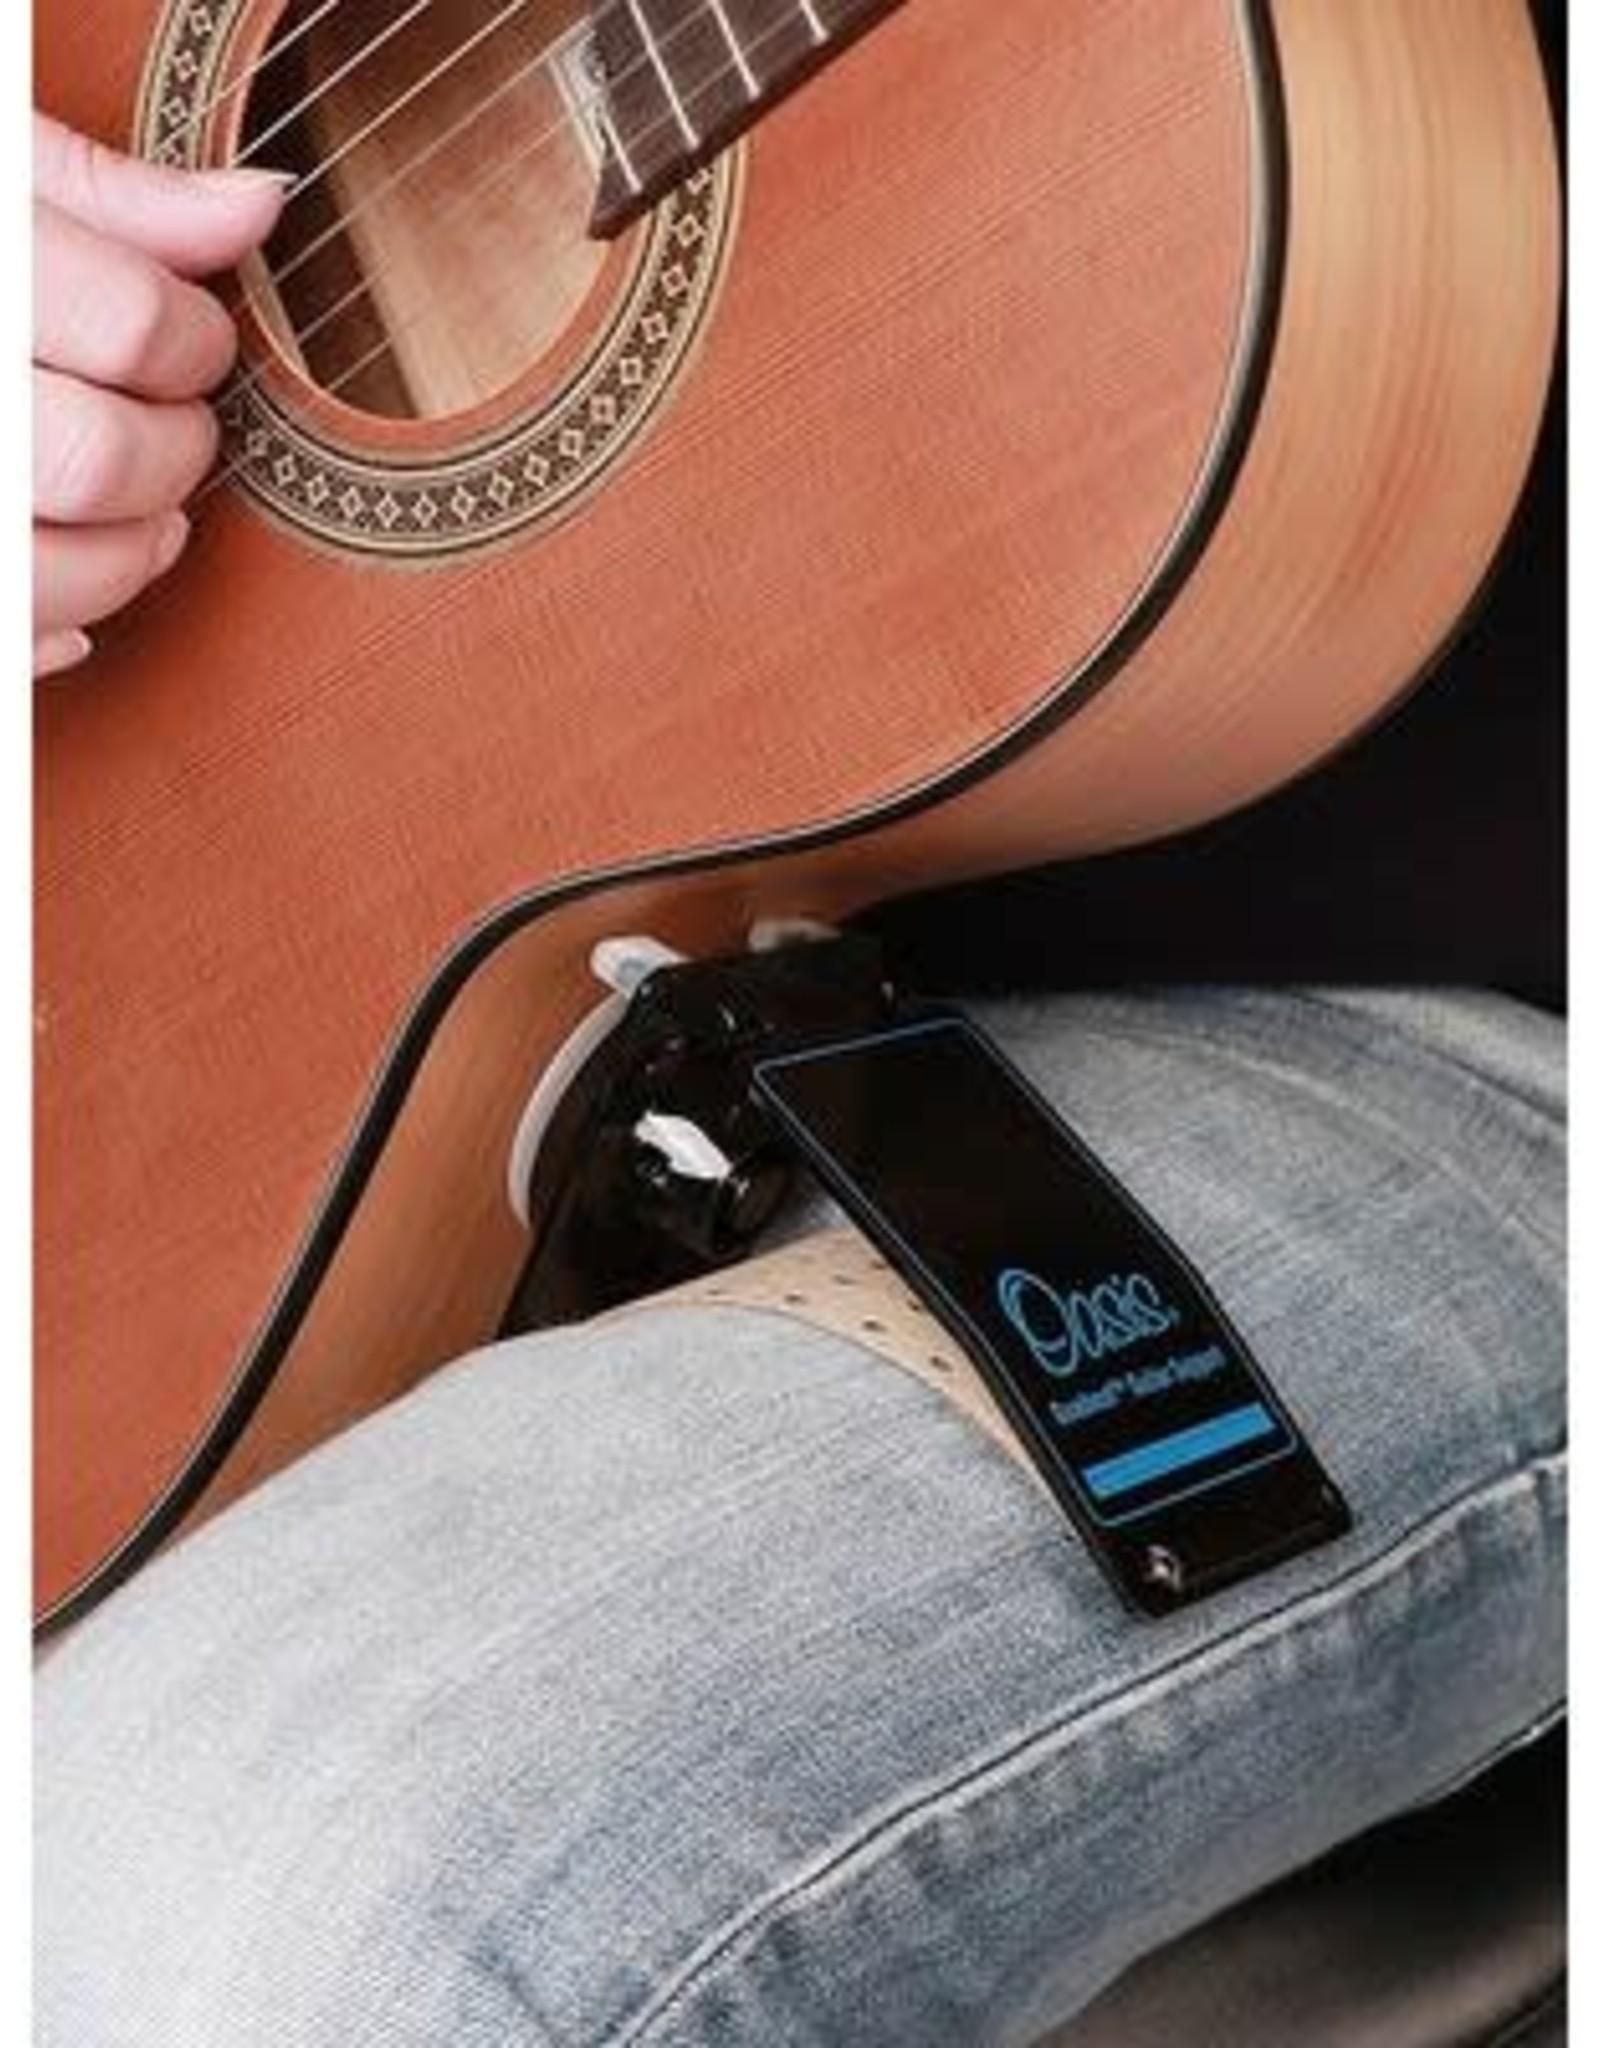 gitaarsteun, geschikt voor klassieke en staalsnarige gitaren